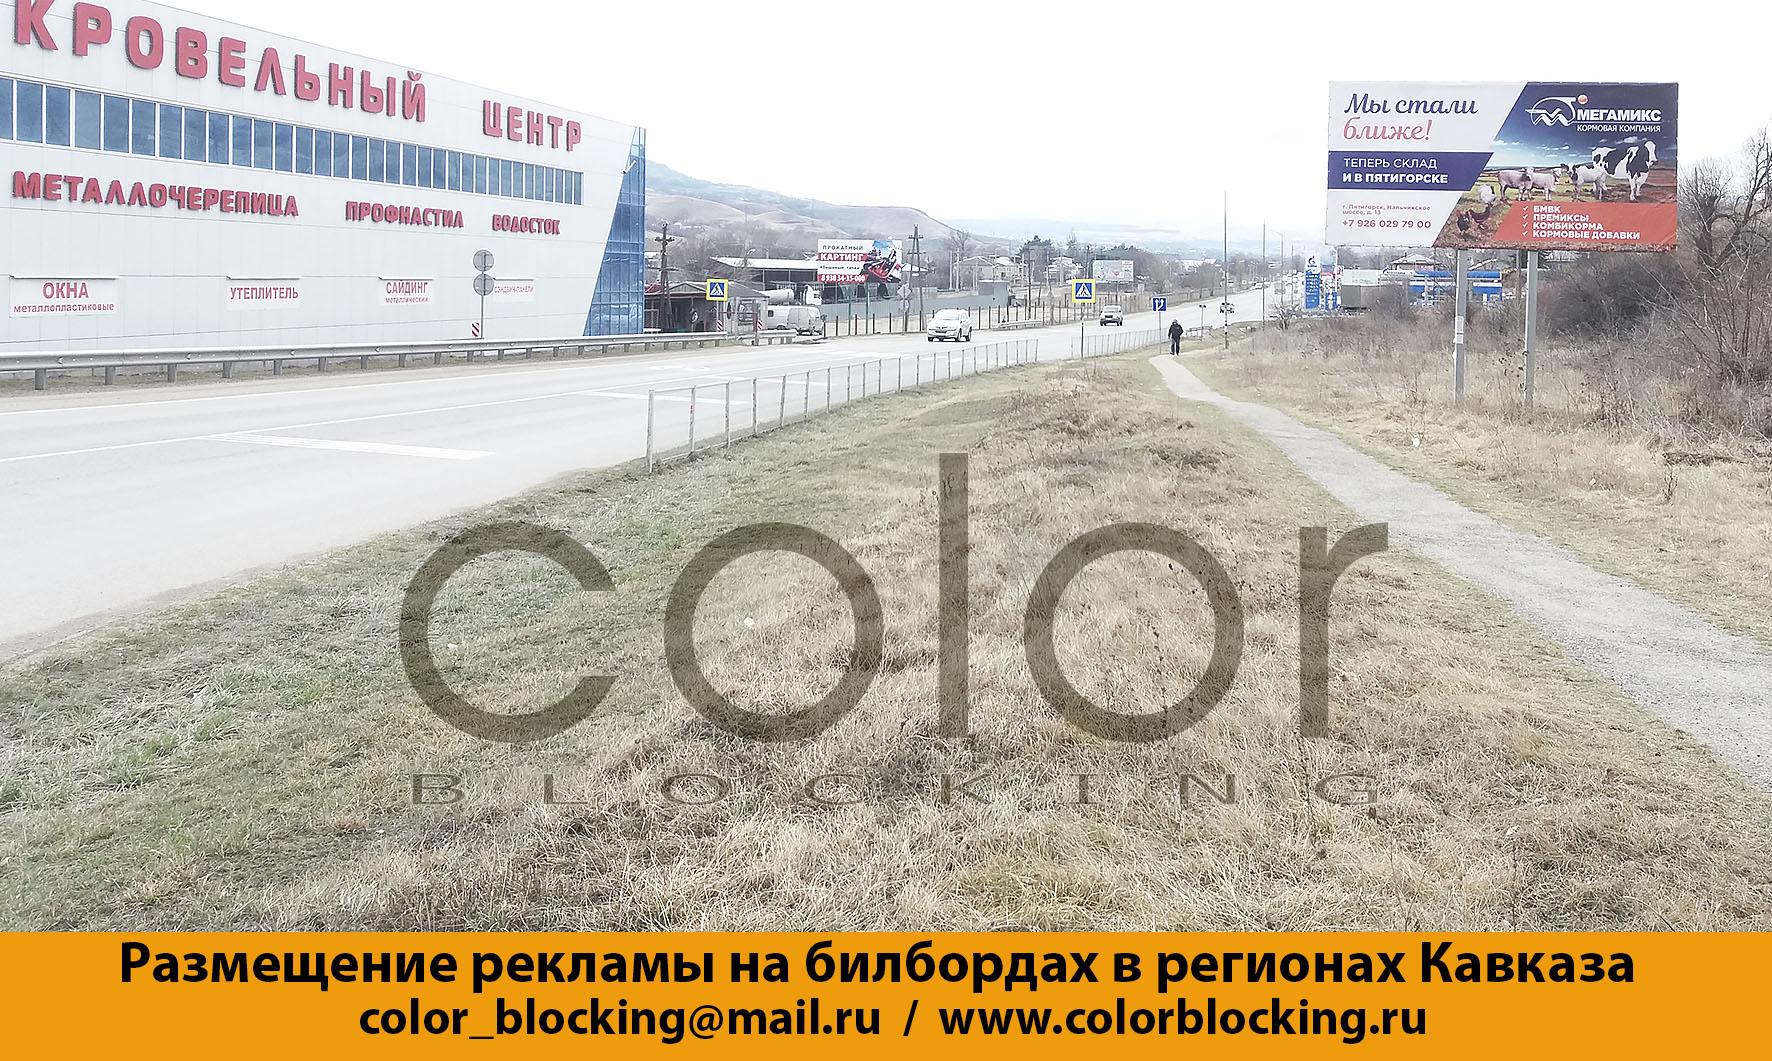 Реклама на билбордах на Кавказе КМВ